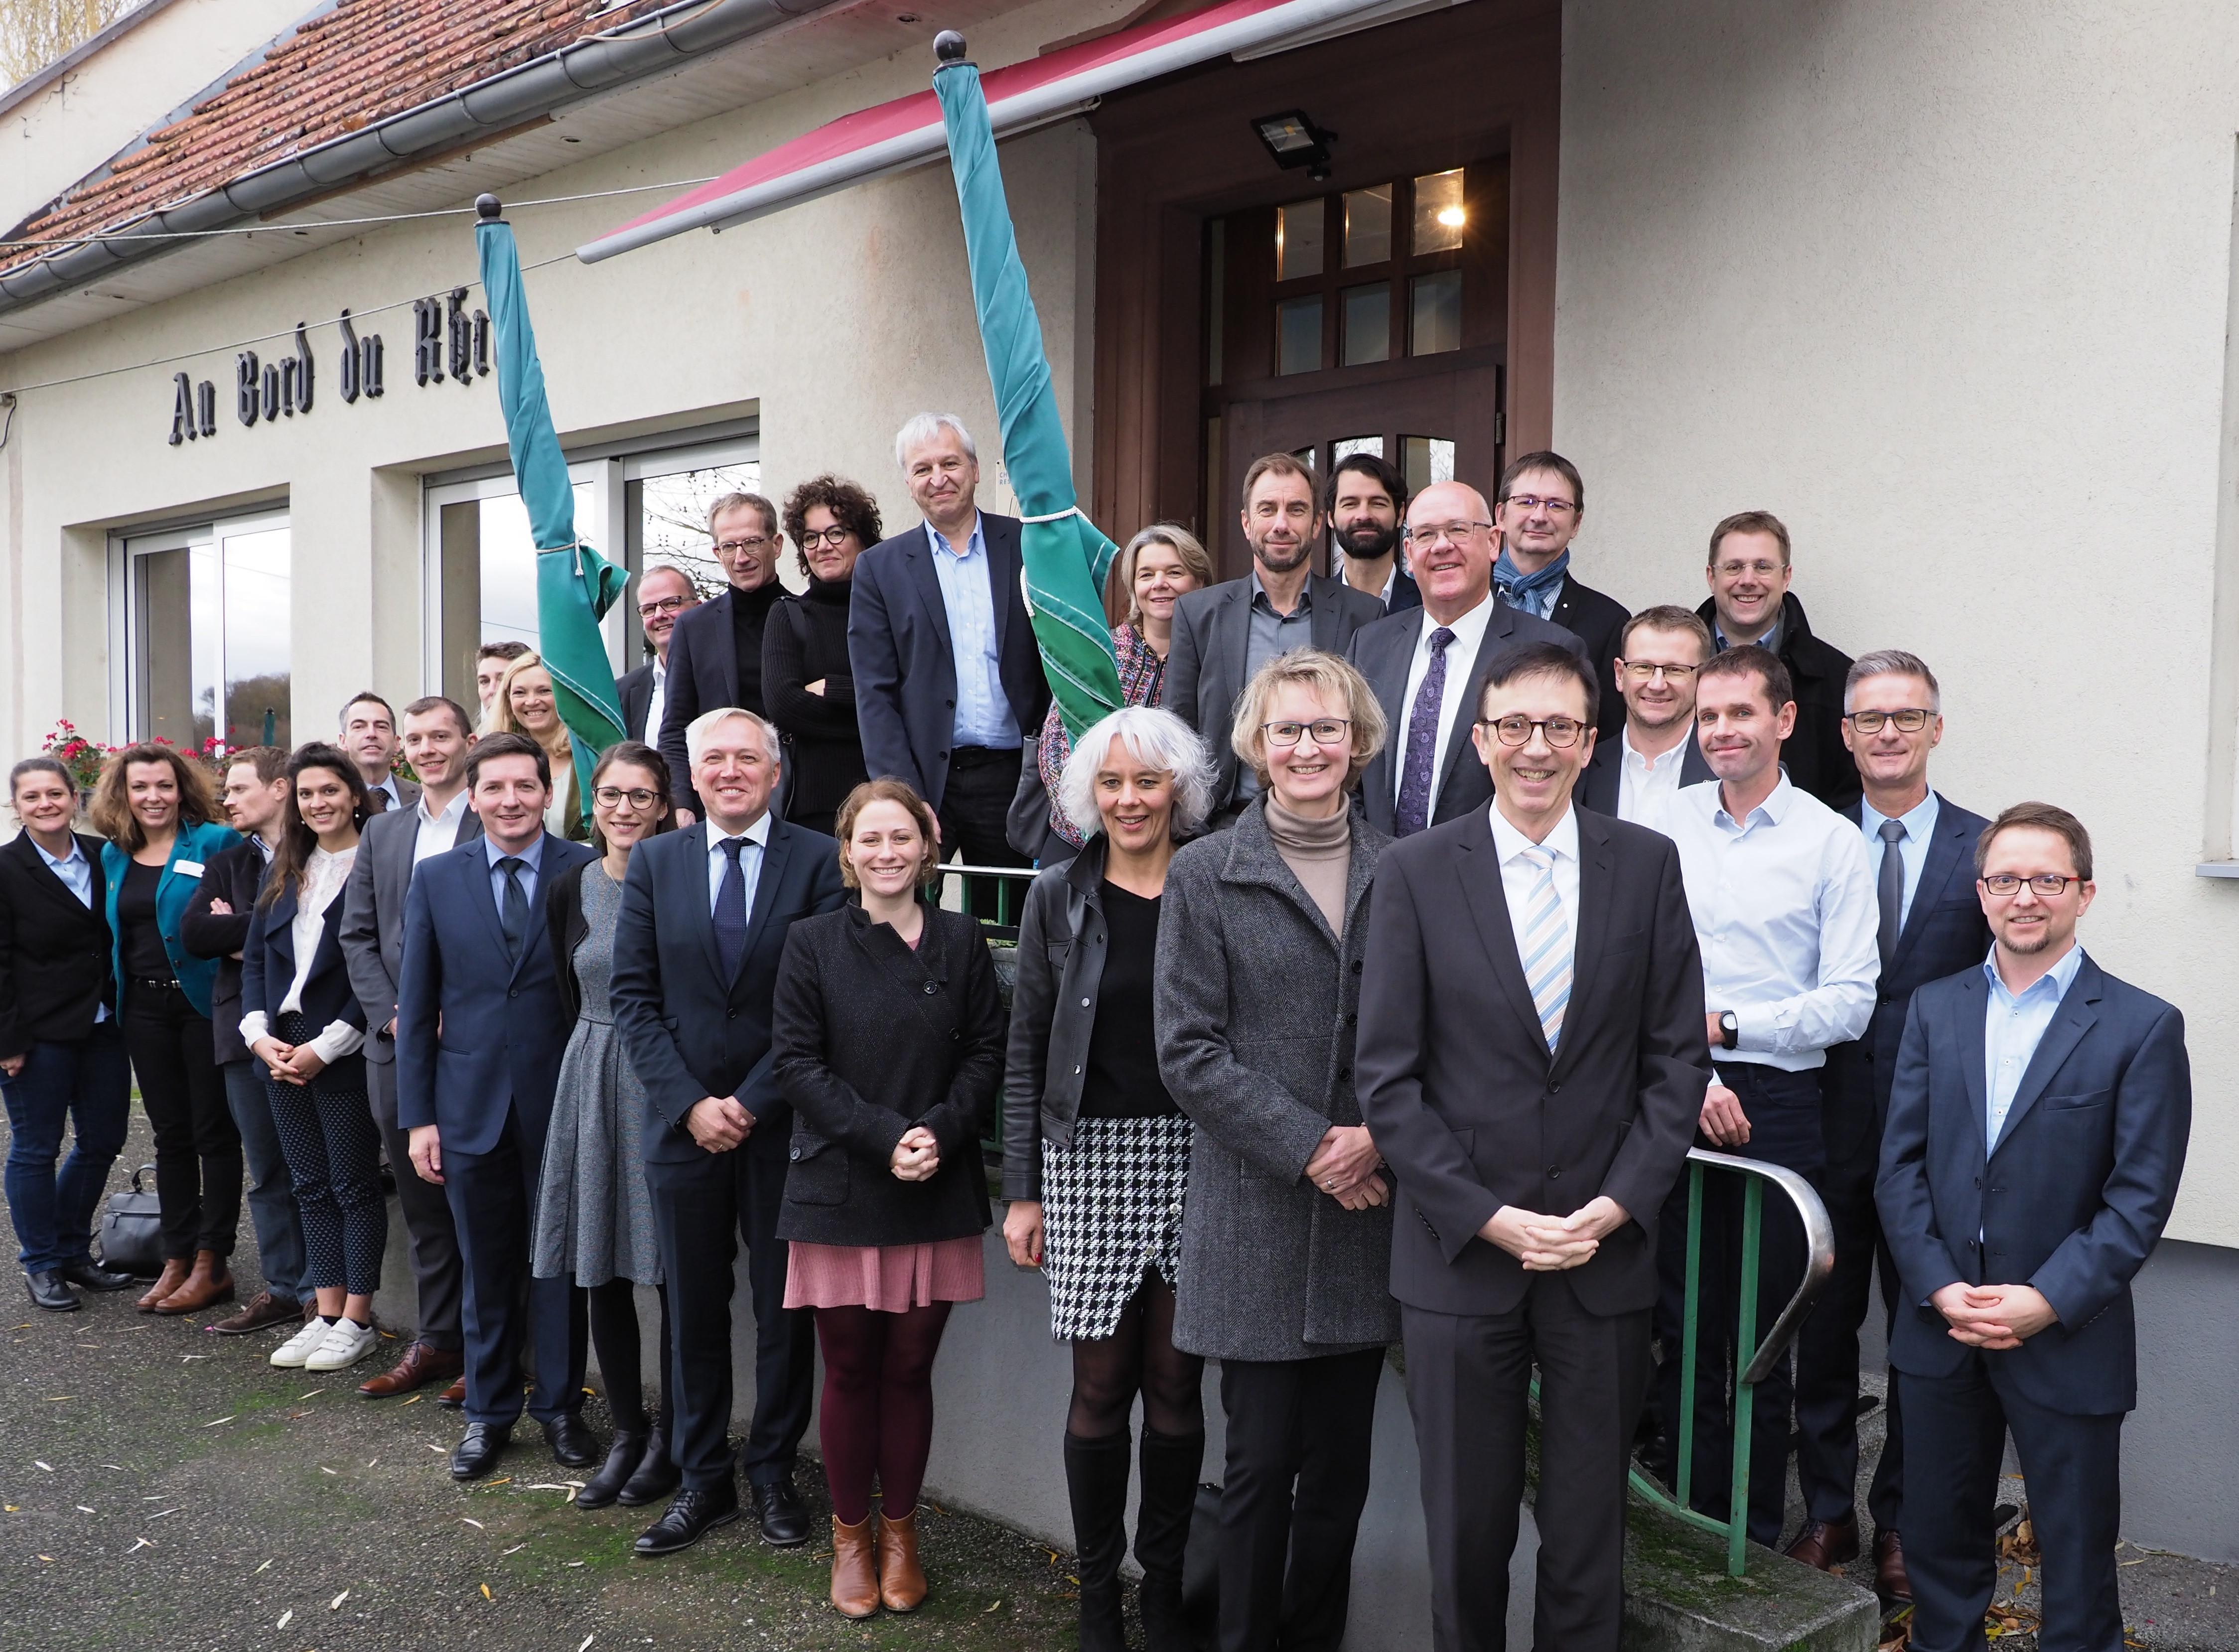 beim pamina business club trafen sich anfang dezember 2018 in lauterbourg die vertreter der wirtschaftsforderungen und kammern aus dem nordelsass